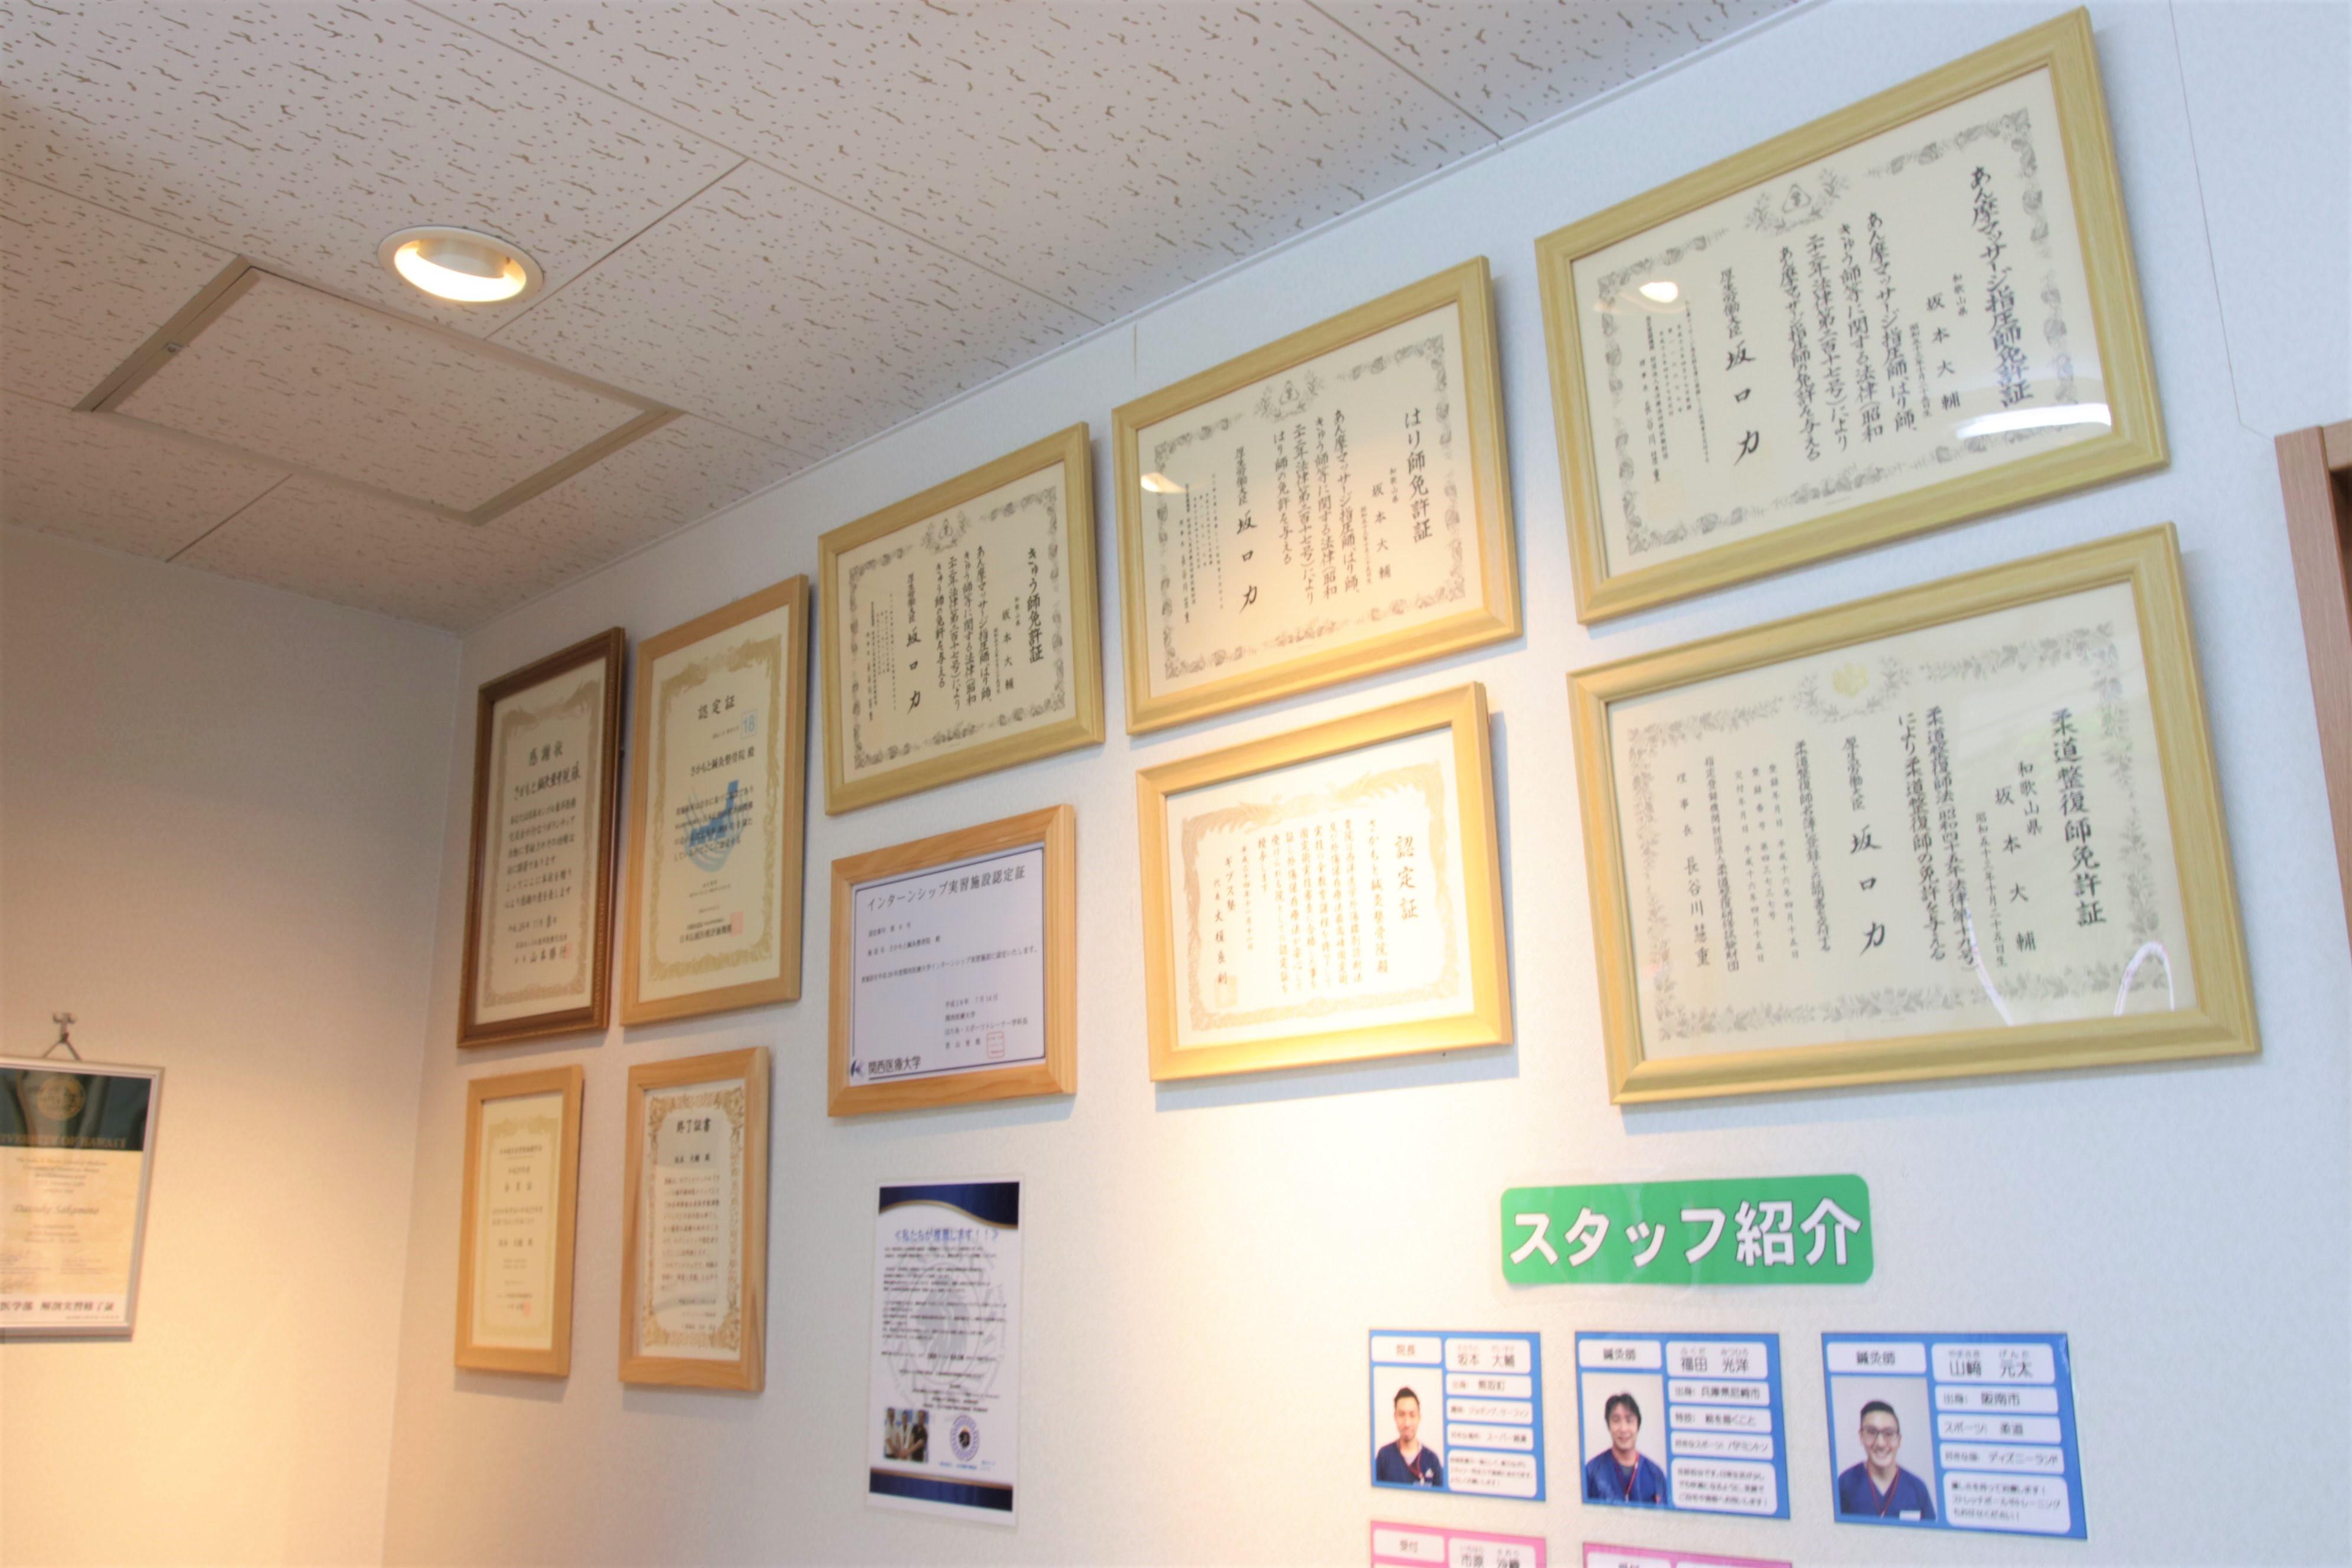 様々お悩みを持つ患者様を治療するために、日々治療の技術研鑽を行っています。